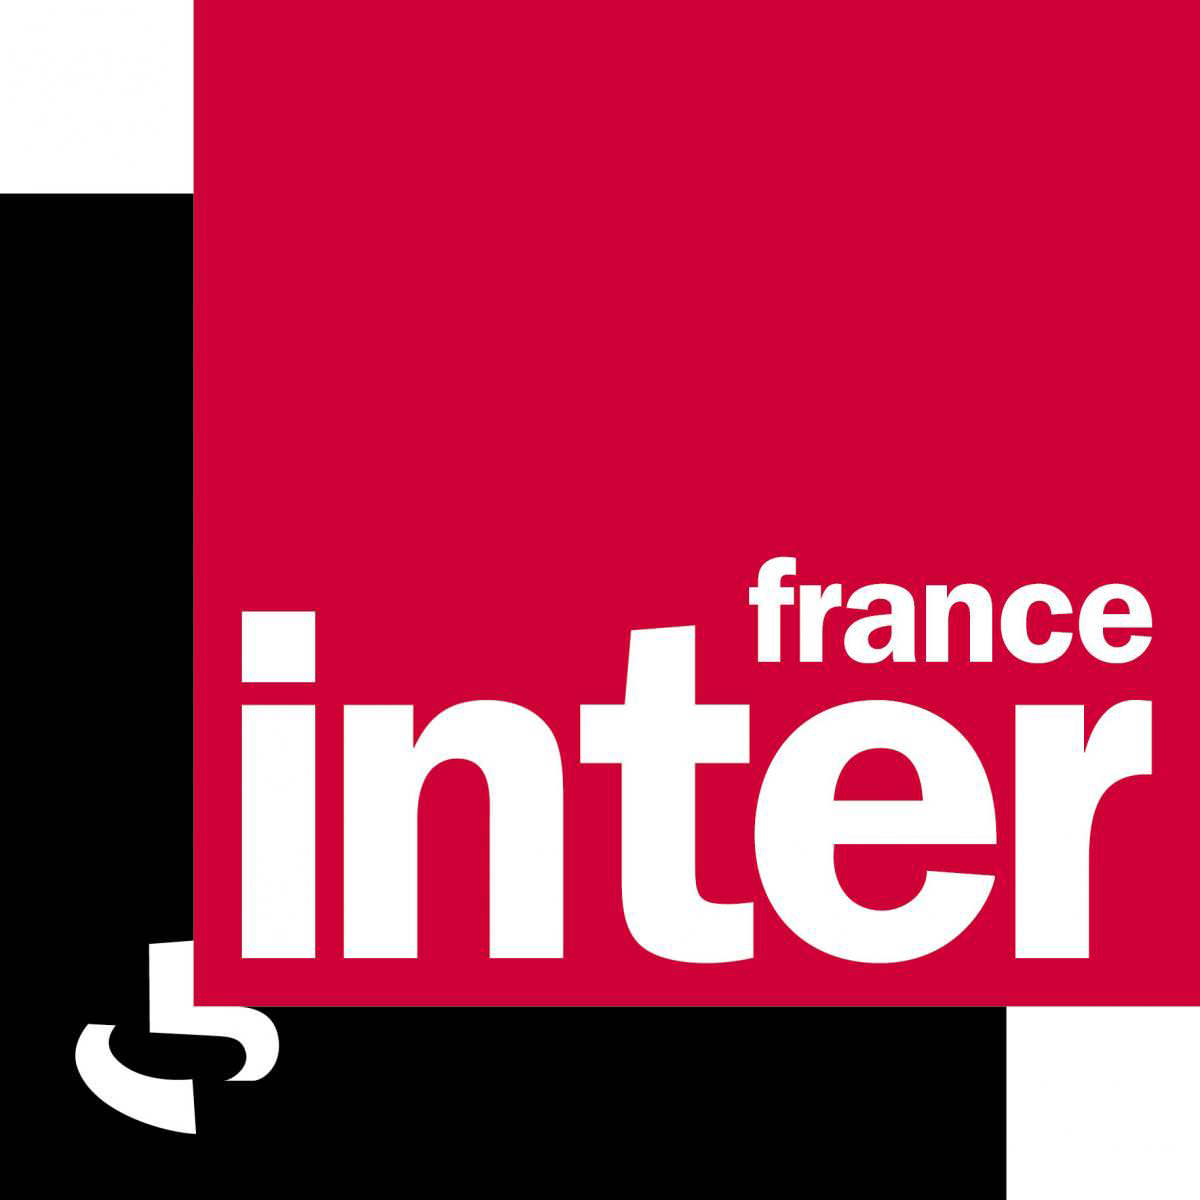 Chronique de Frédéric Encel sur France Inter